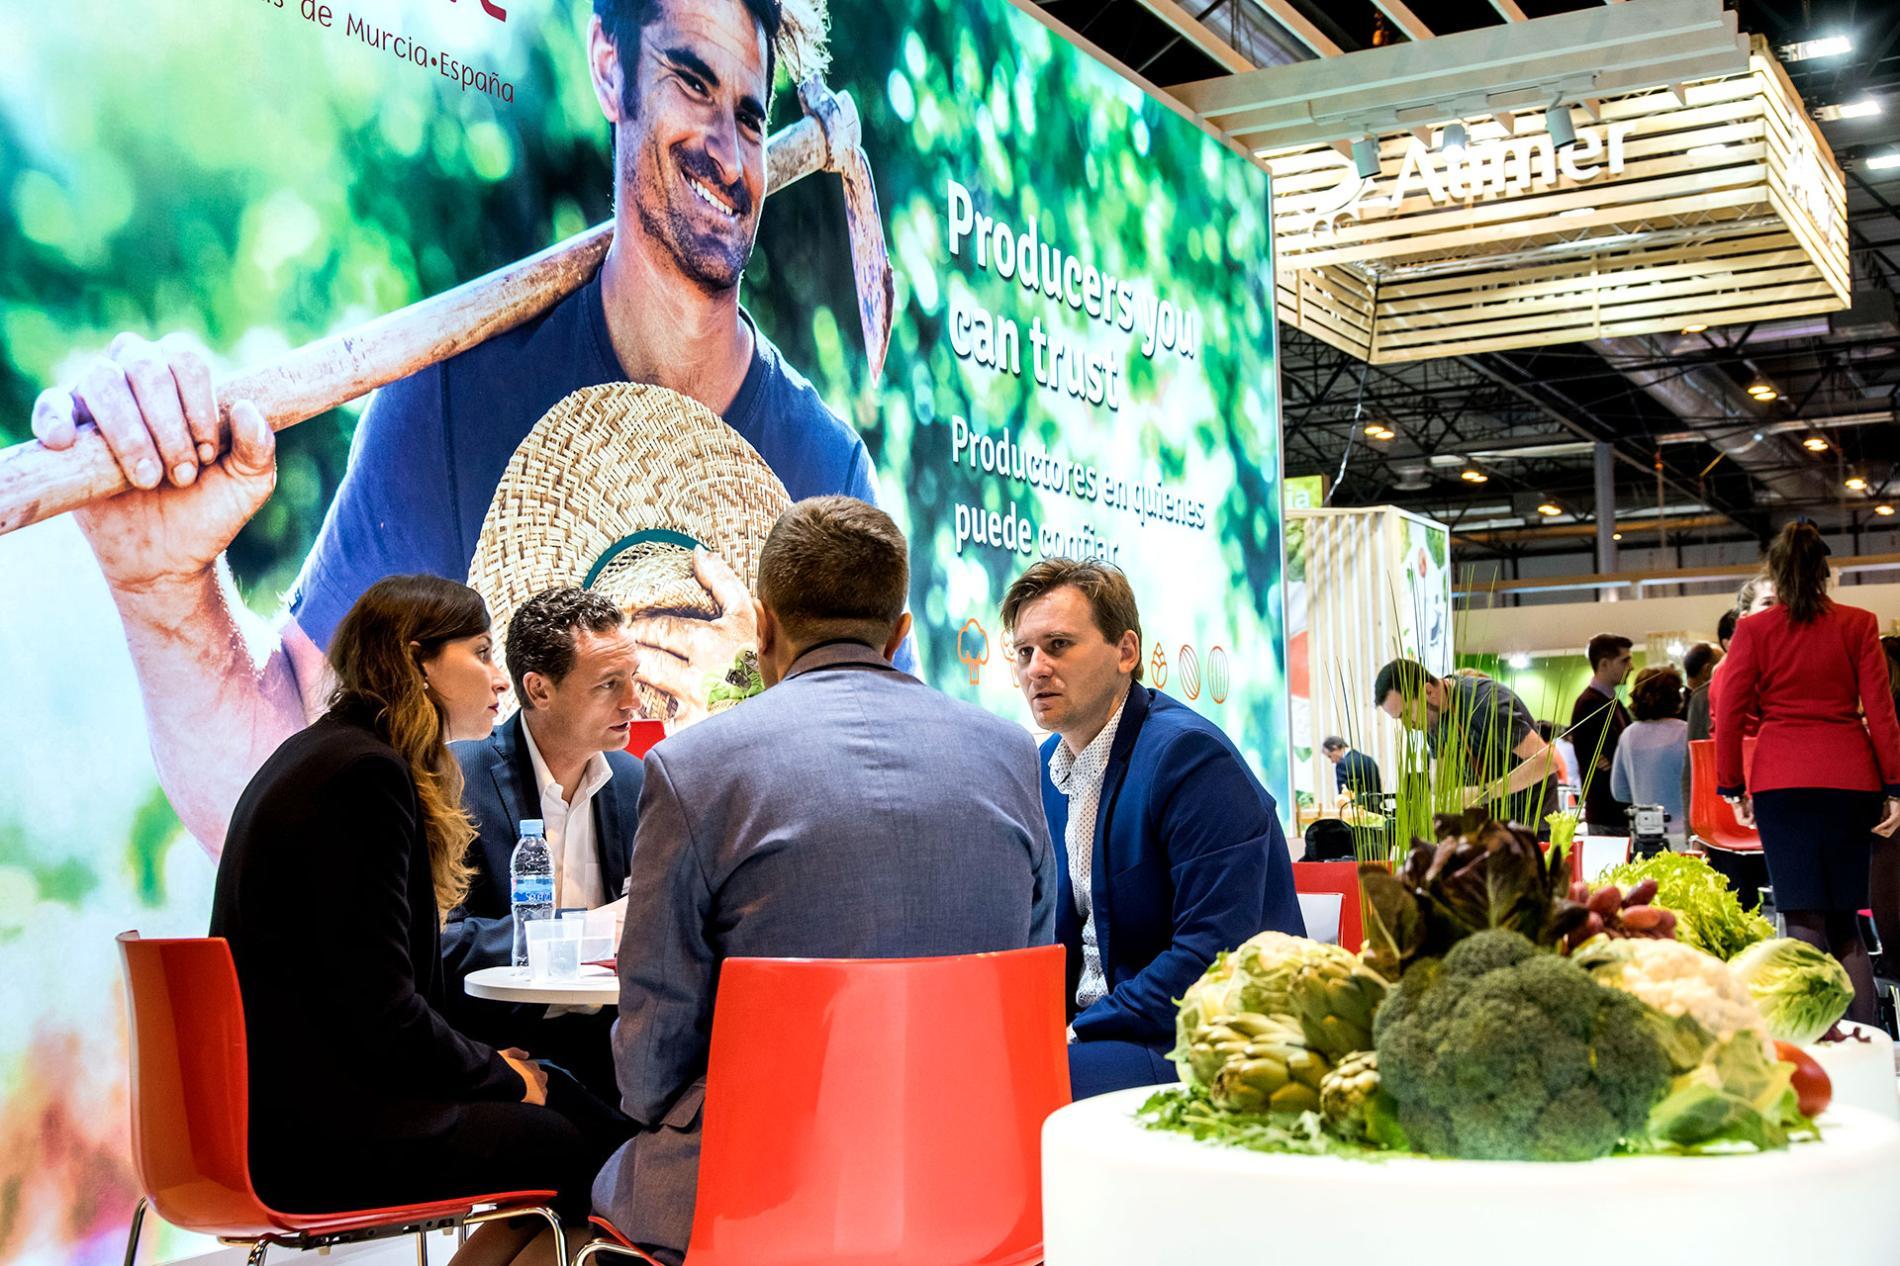 exhibitor explaining to visitors